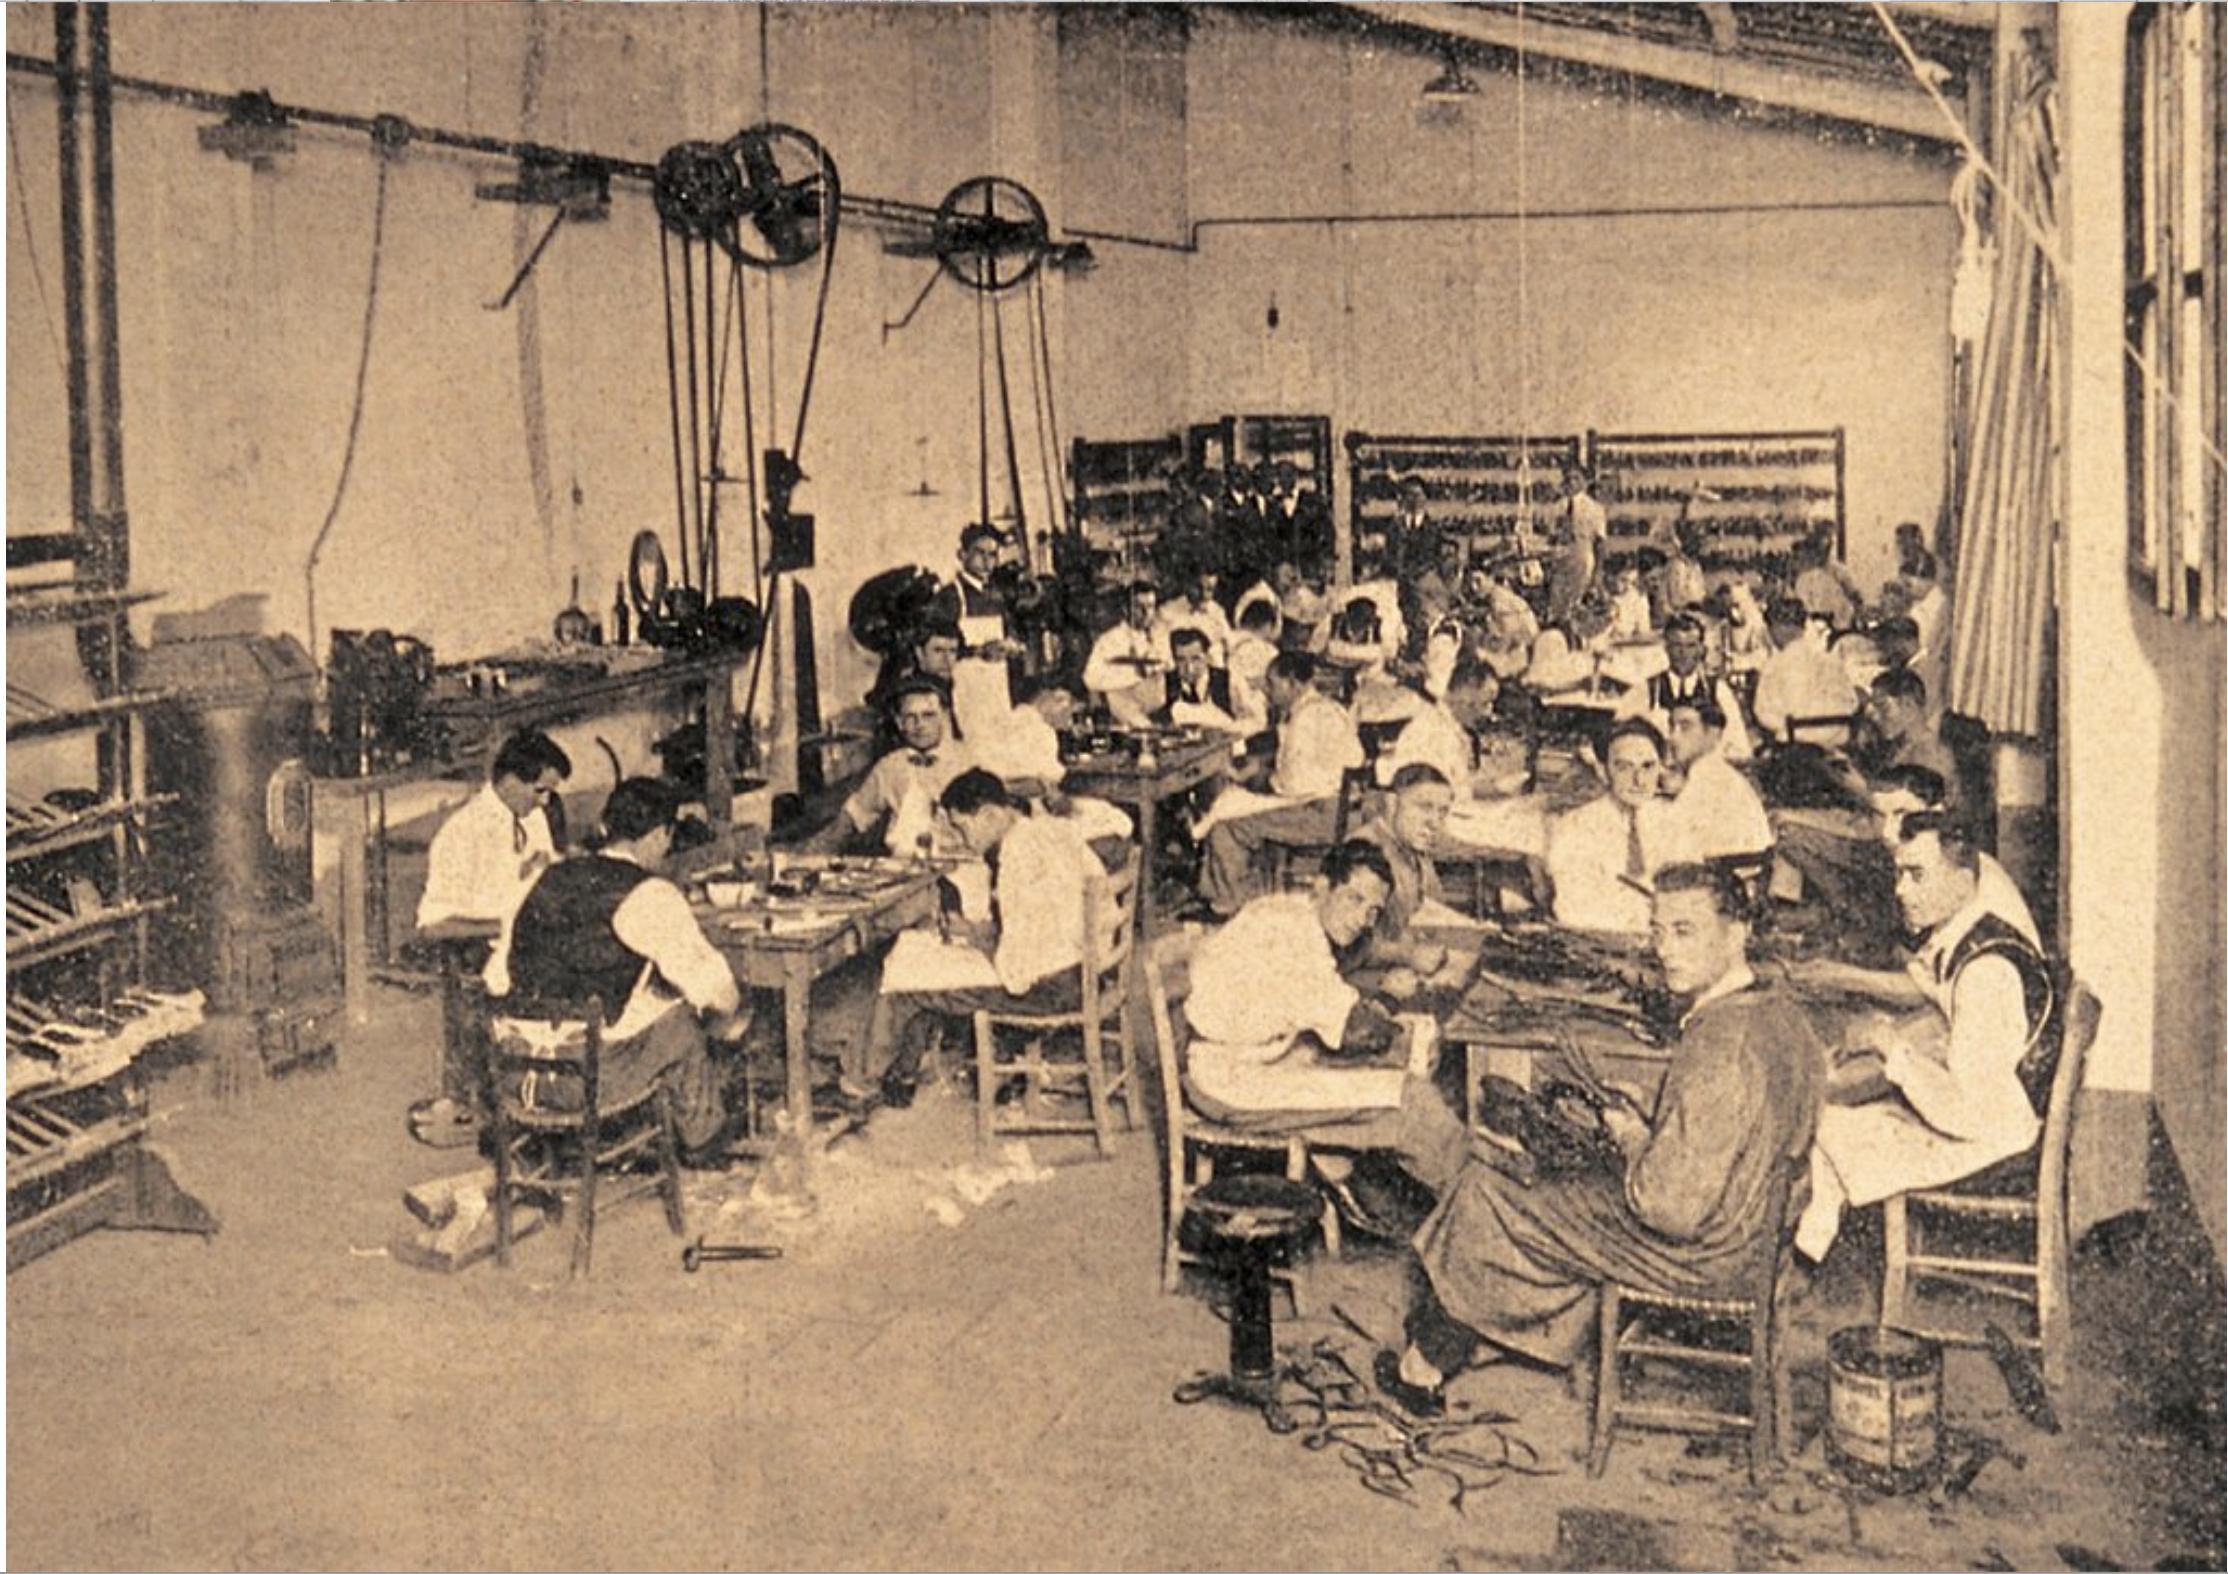 Le premier atelier de Salvatore Ferragamo à son retour en Italie en 1927, une mécanisation réduite au minimum et des ouvriers dont l'élégance rhabille tout le Pitti. (Source: l'Art de la chaussure)